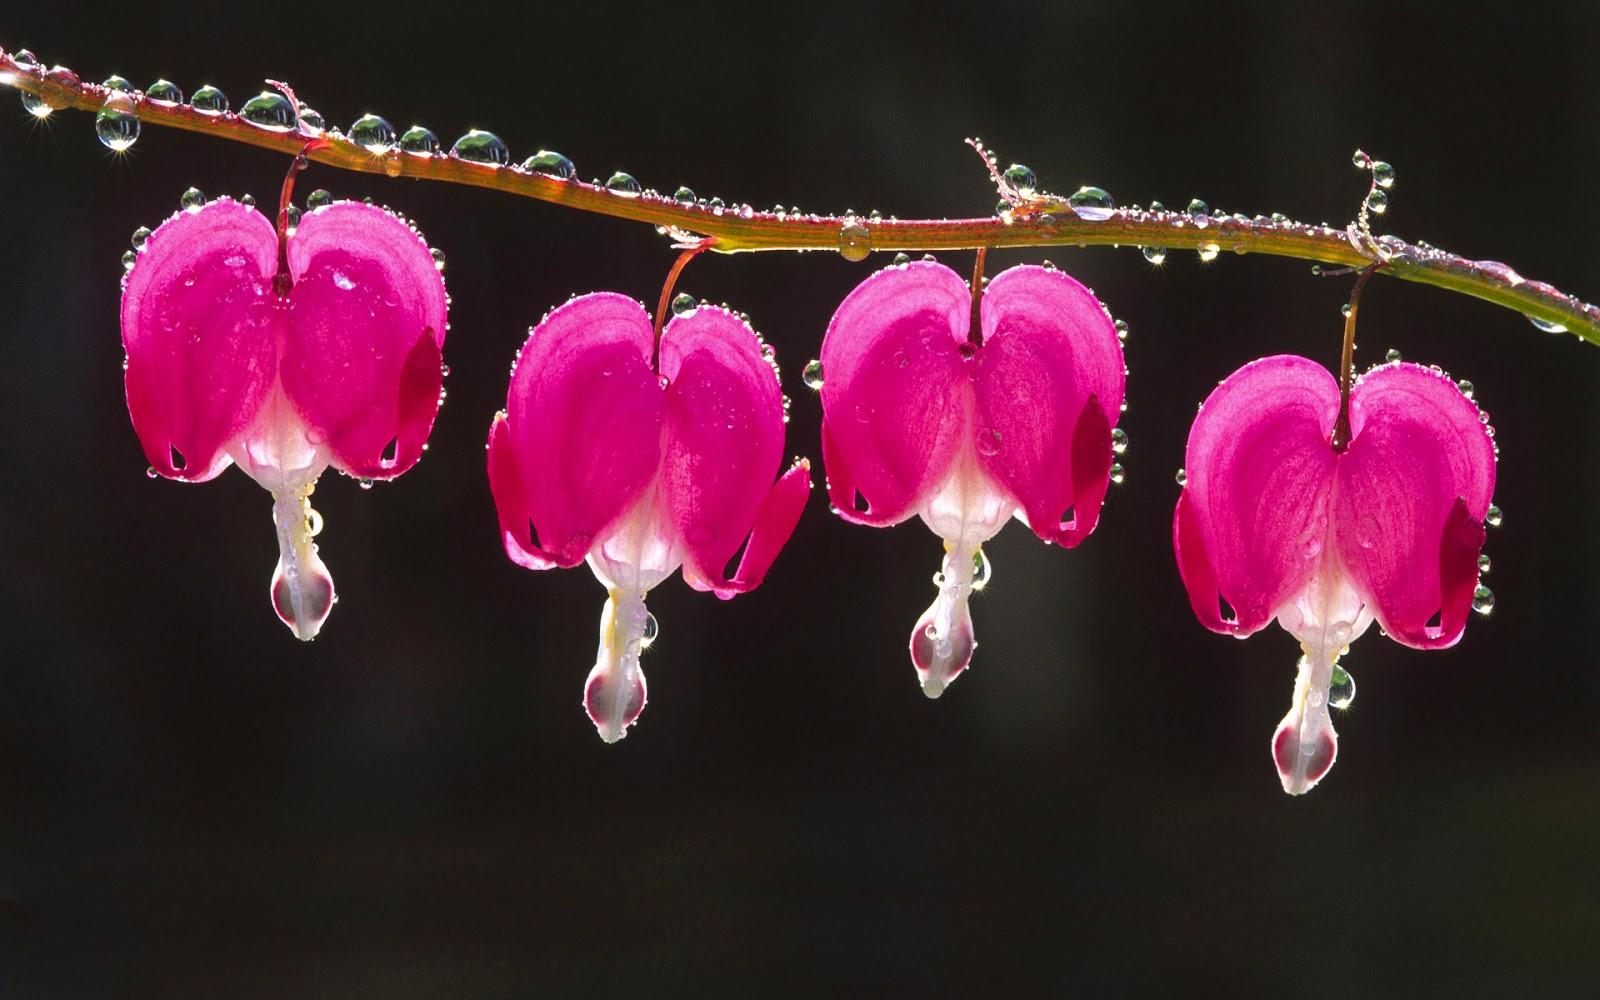 hình nền cánh hoa và những giọt nước long lanh